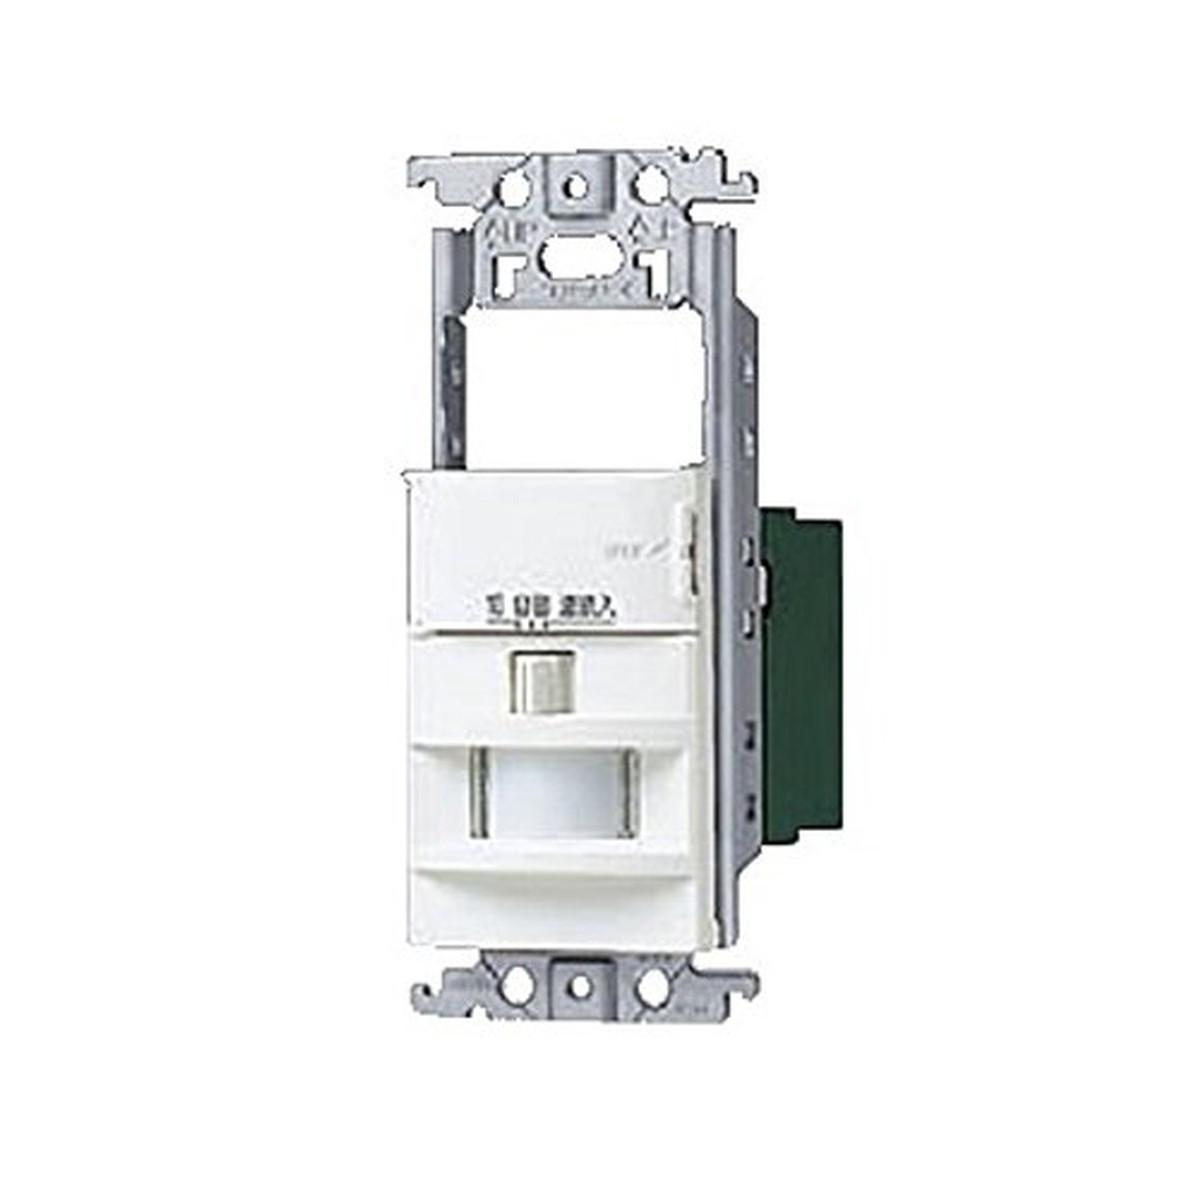 パナソニック(Panasonic) 壁取付熱線センサ付自動スイッチ スイッチスペース付 ホワイト WTK18115W【クーポン配布中】